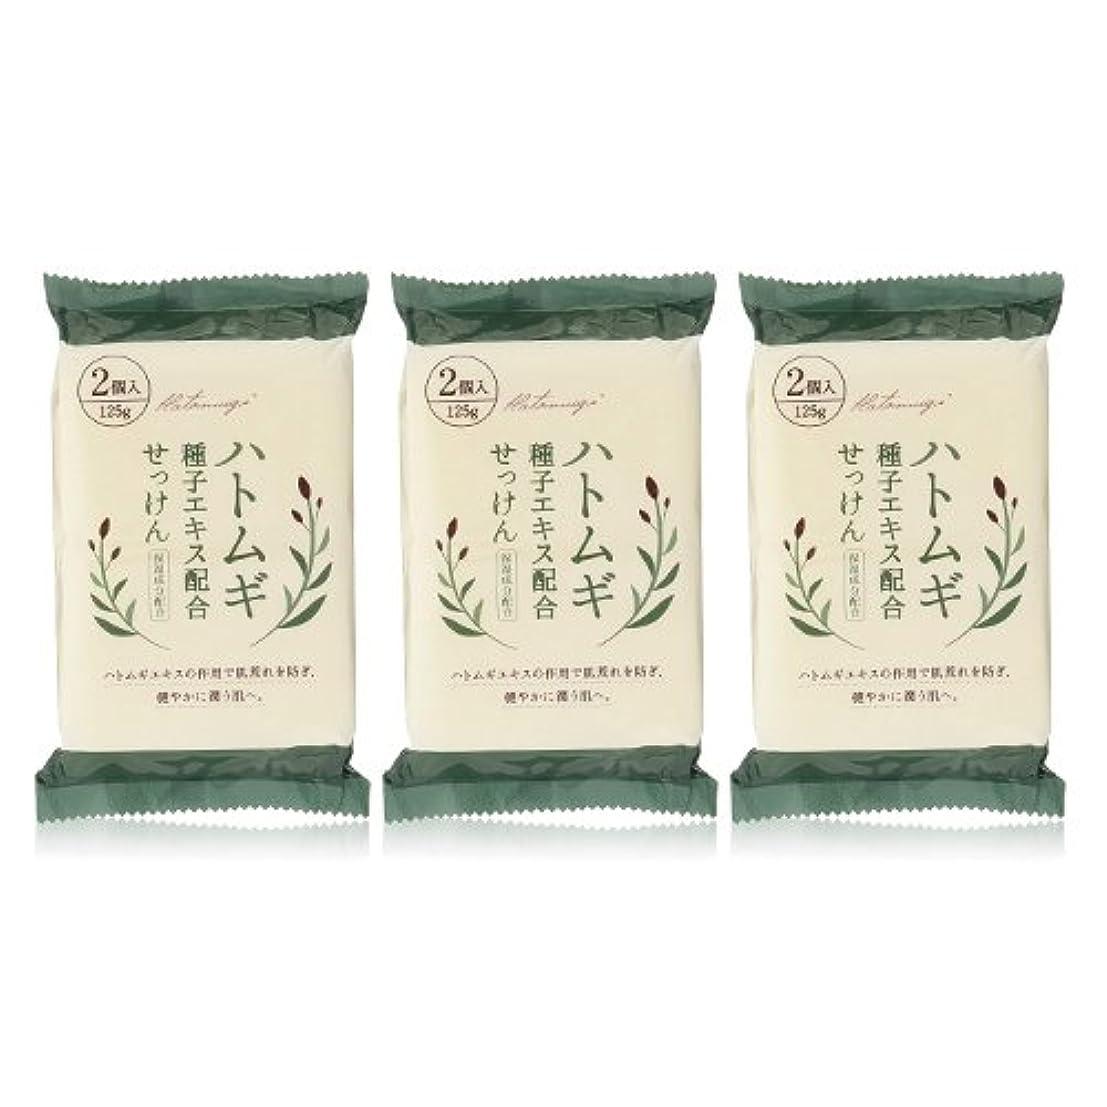 ソブリケットクリーム溝ハトムギ種子エキス配合石けん 125g(2コ入)×3個セット(計6個)